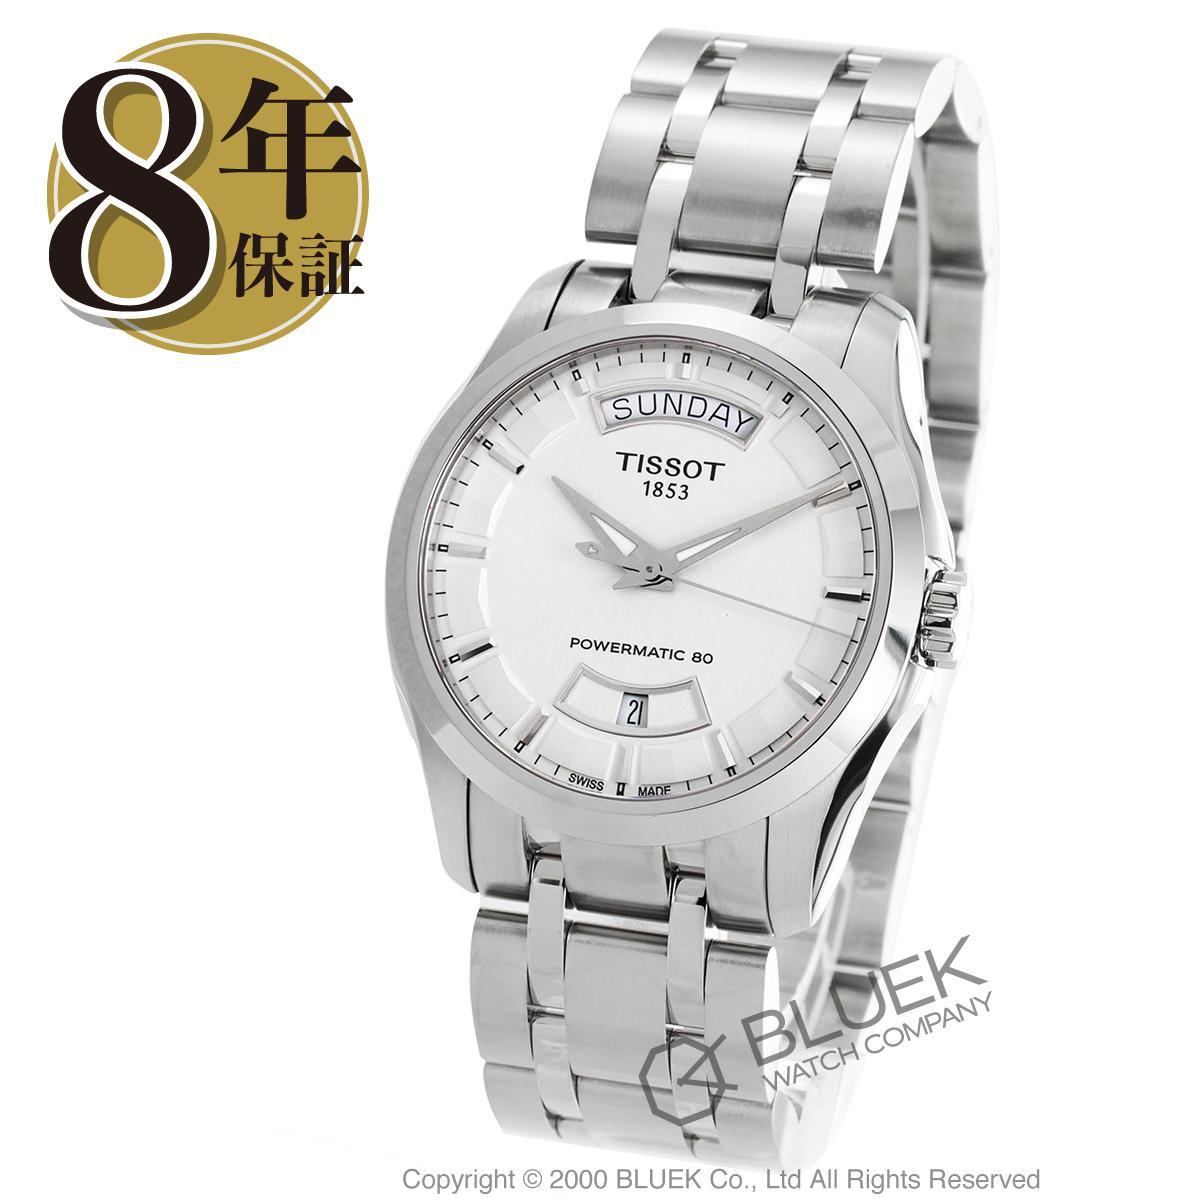 ティソ T-クラシック クチュリエ パワーマティック80 腕時計 メンズ TISSOT T035.407.11.031.01_8